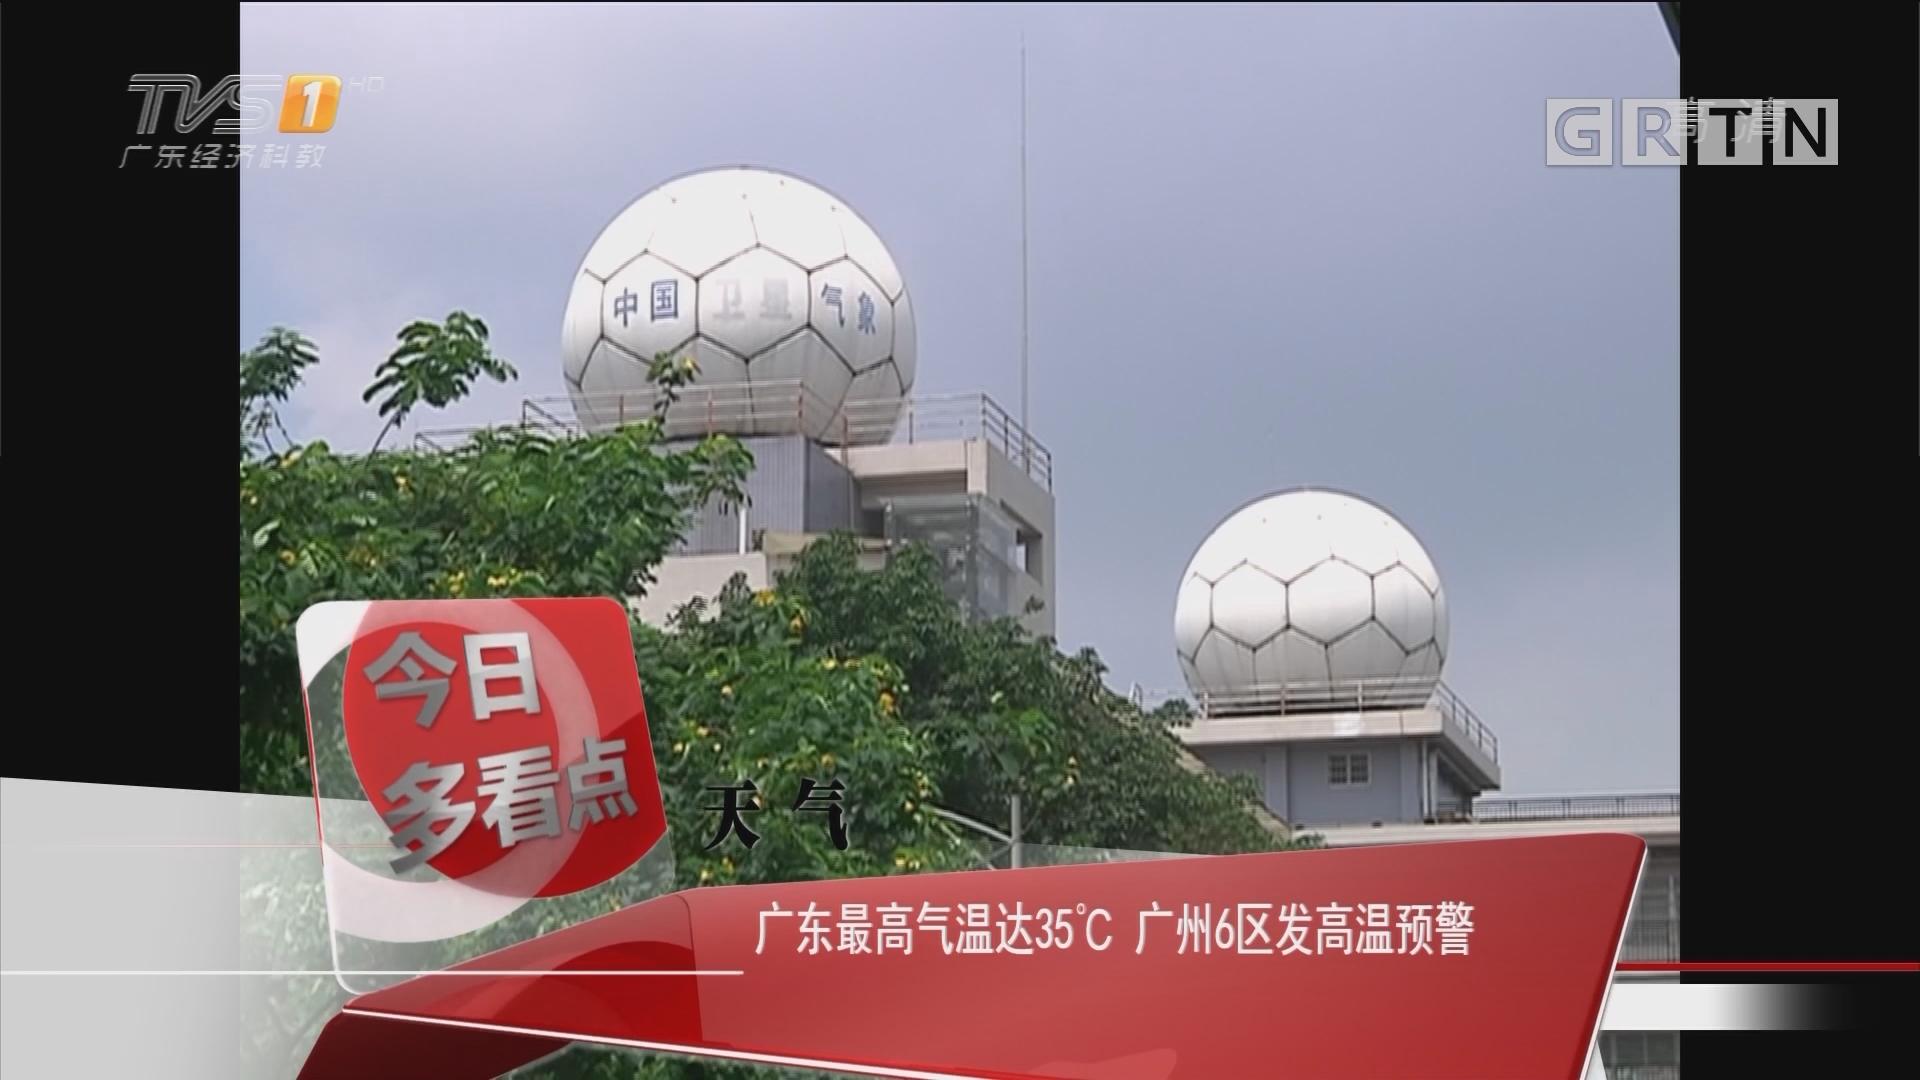 天气:广东最高气温达35℃ 广州6区发高温预警